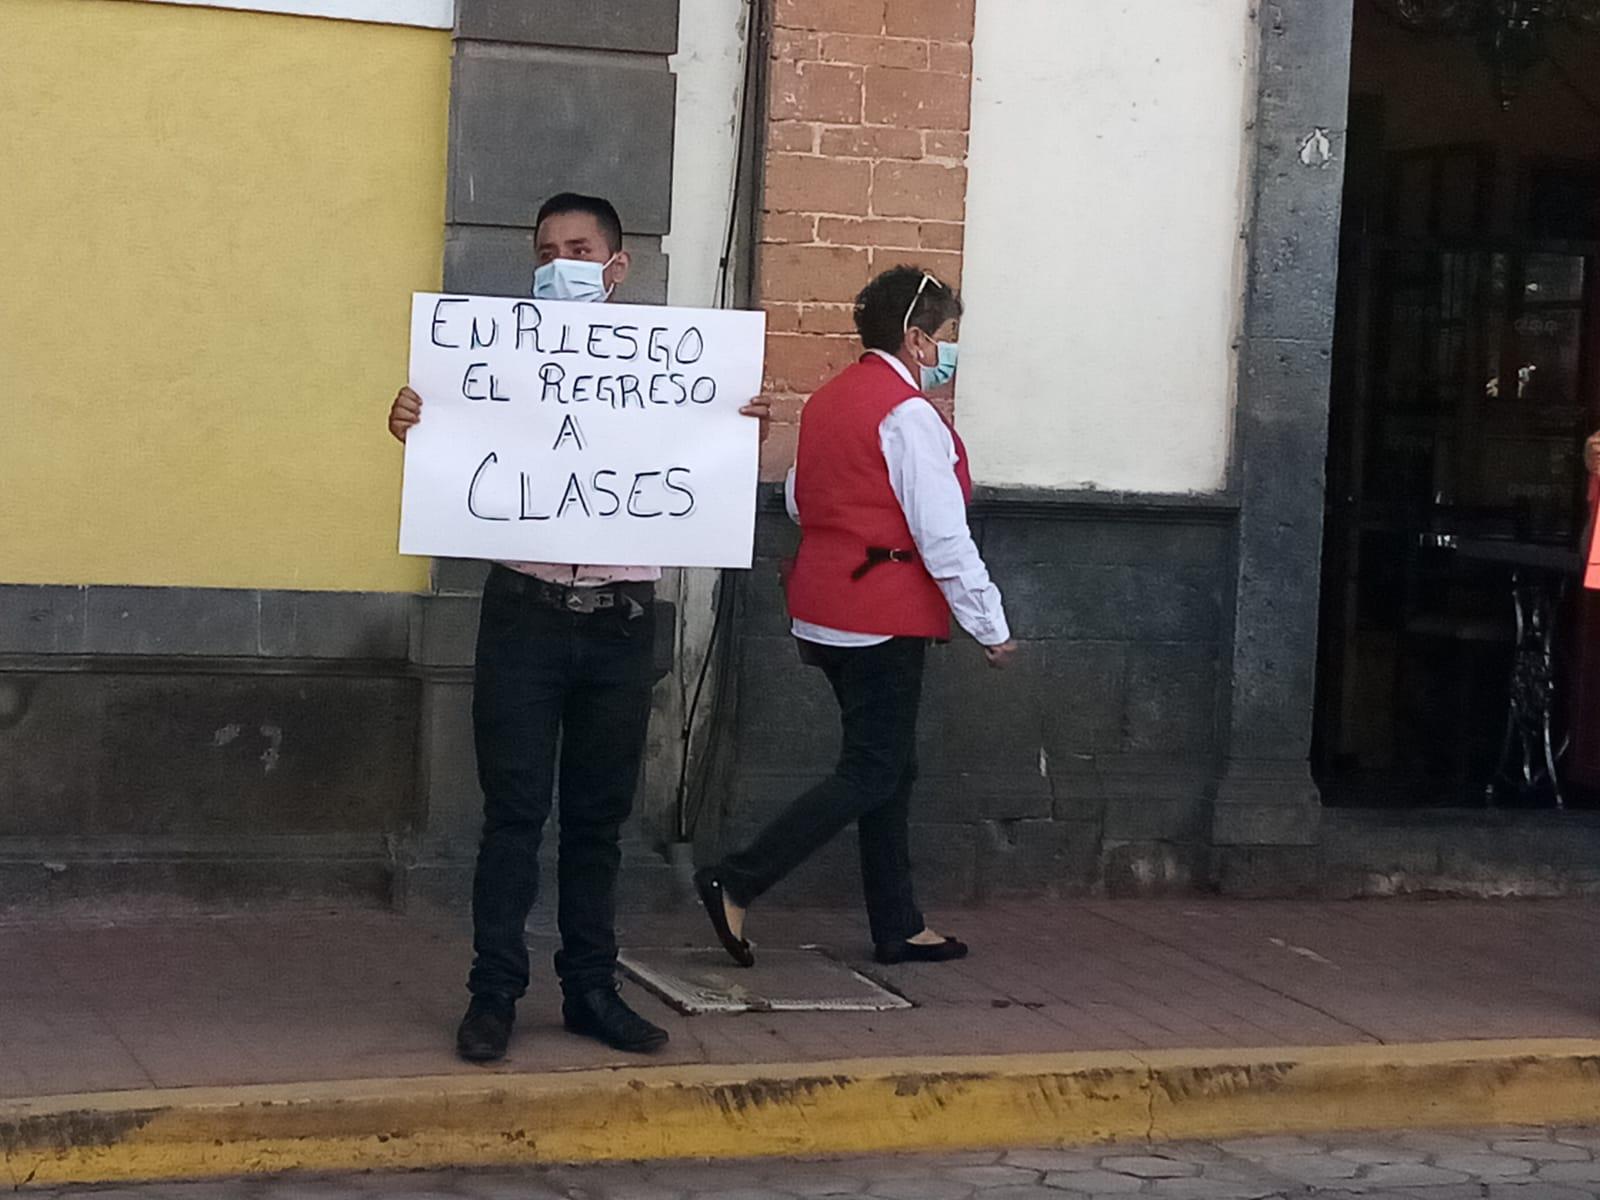 Estudiantes exigen un regreso a clases seguro: Antorchistas